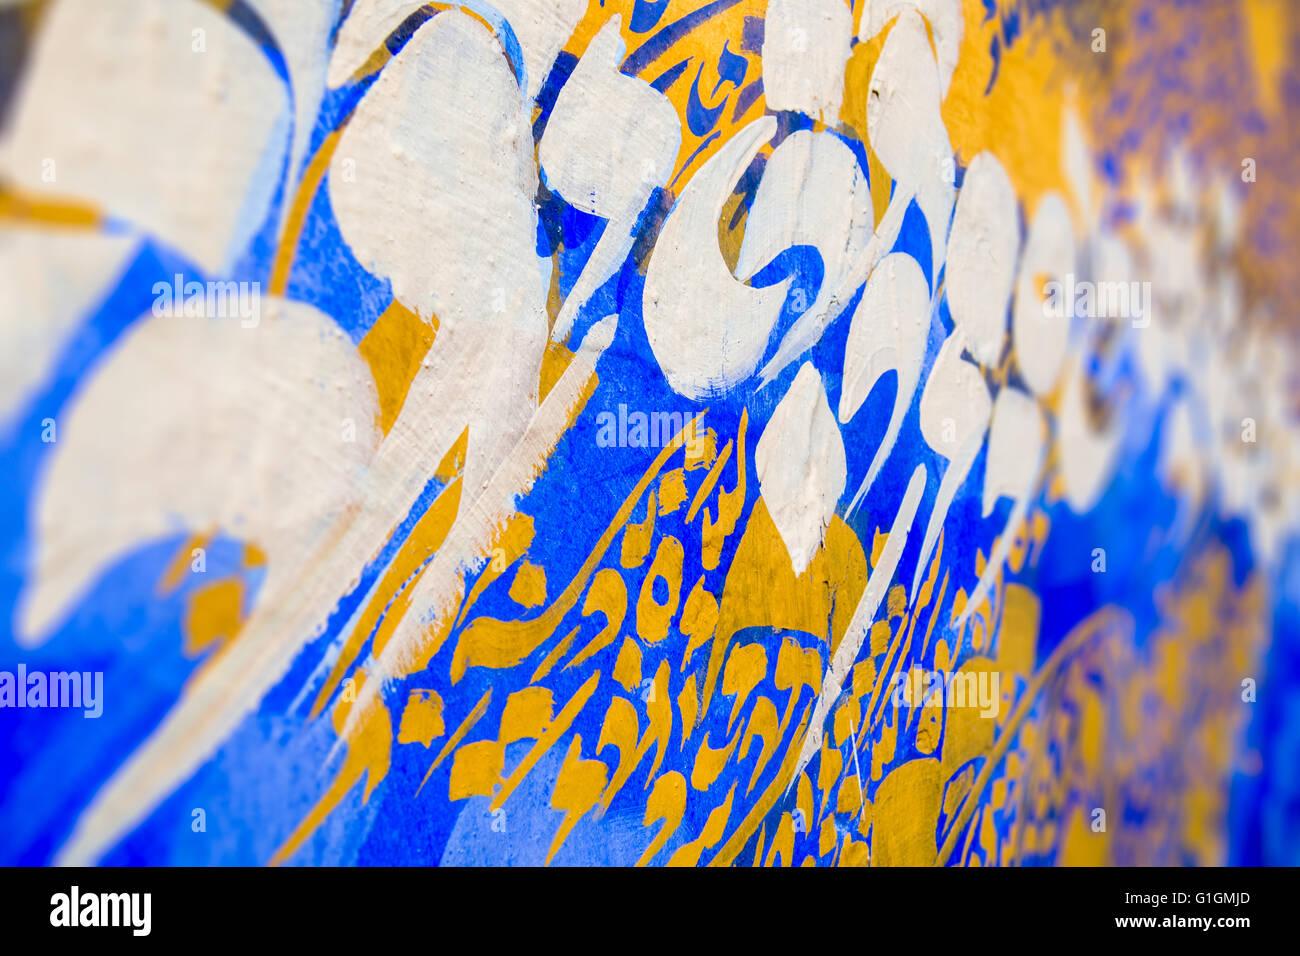 Fototapete Farbe der arabischen Kalligraphie in der Medina von Asilah, Marokko Stockbild